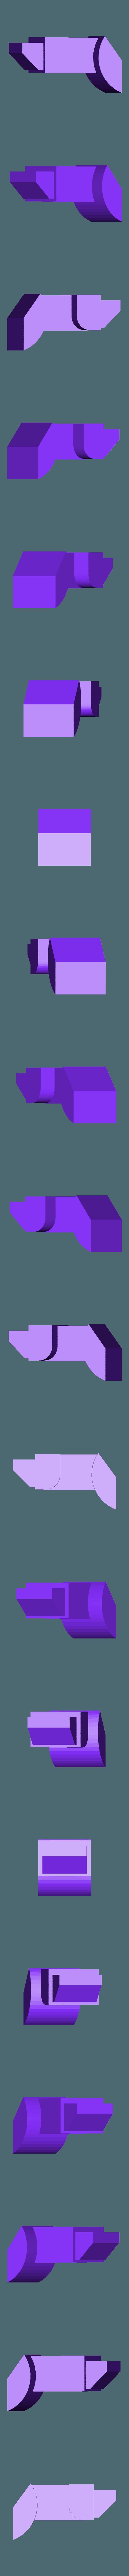 DMAG_MAGWELL_T_L_PARTX_v5.stl Télécharger fichier STL gratuit MCS DMAG Helix Universal Magazine high High • Plan à imprimer en 3D, UntangleART